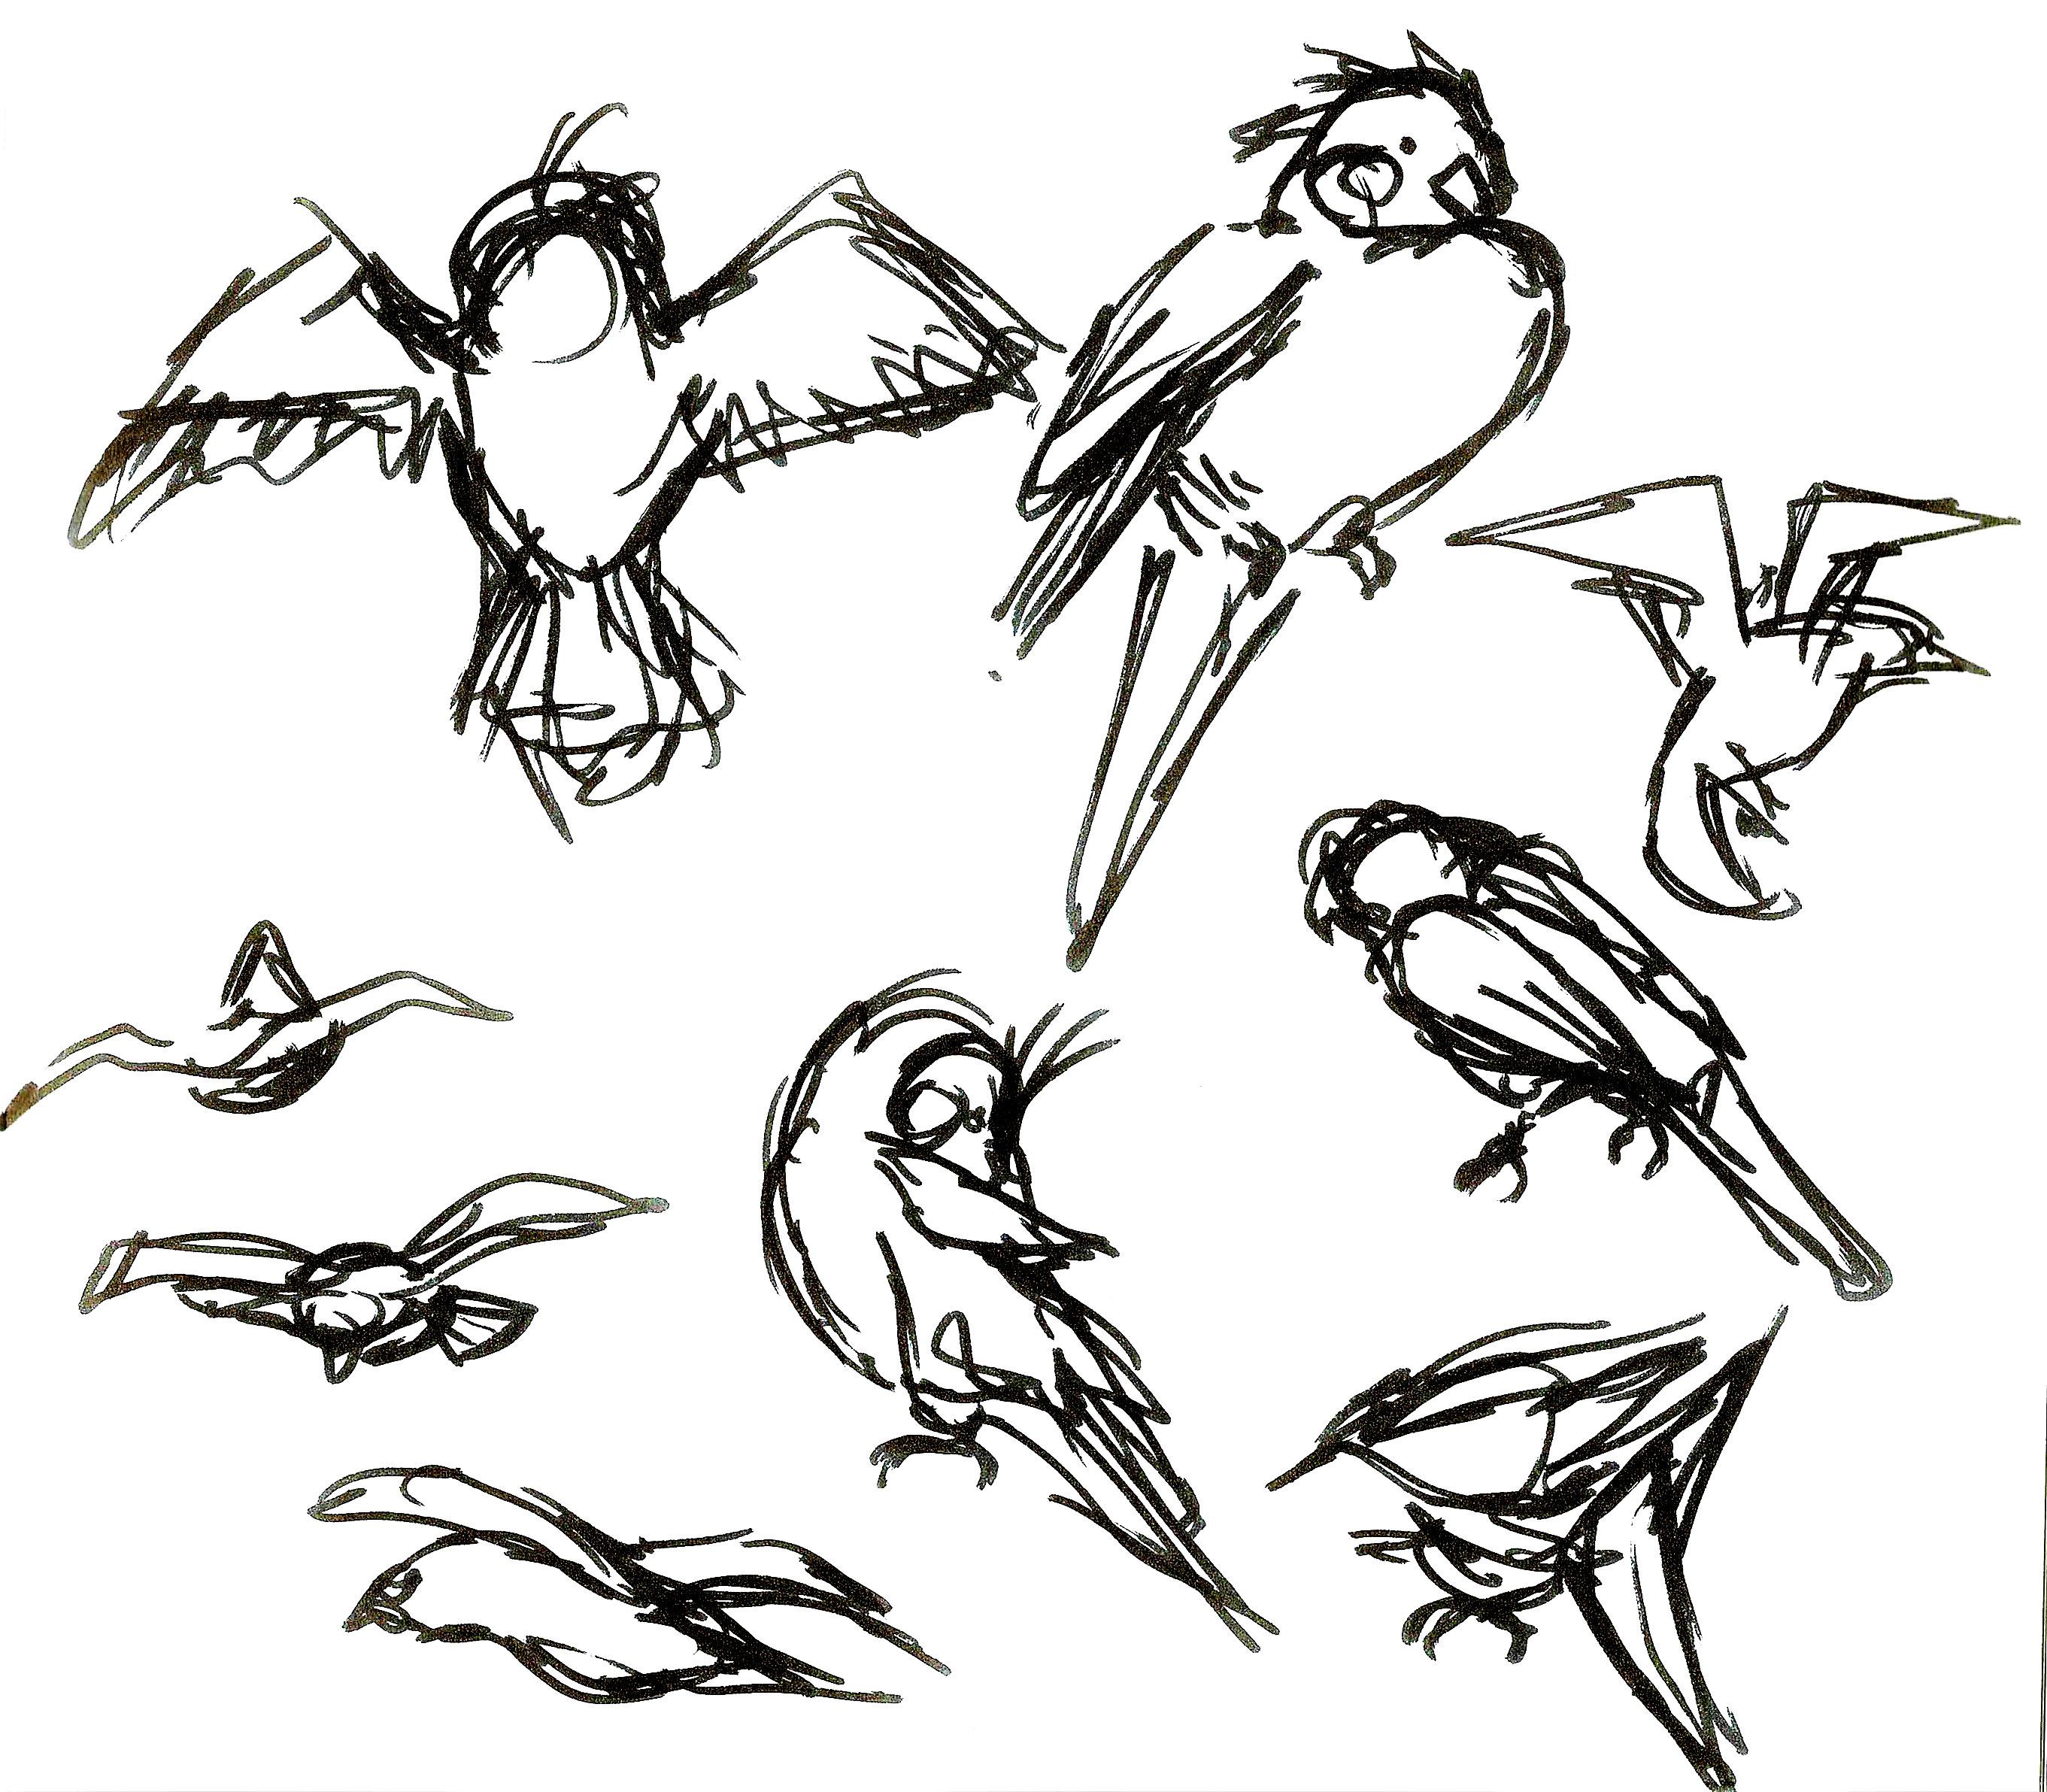 Parakeet studies